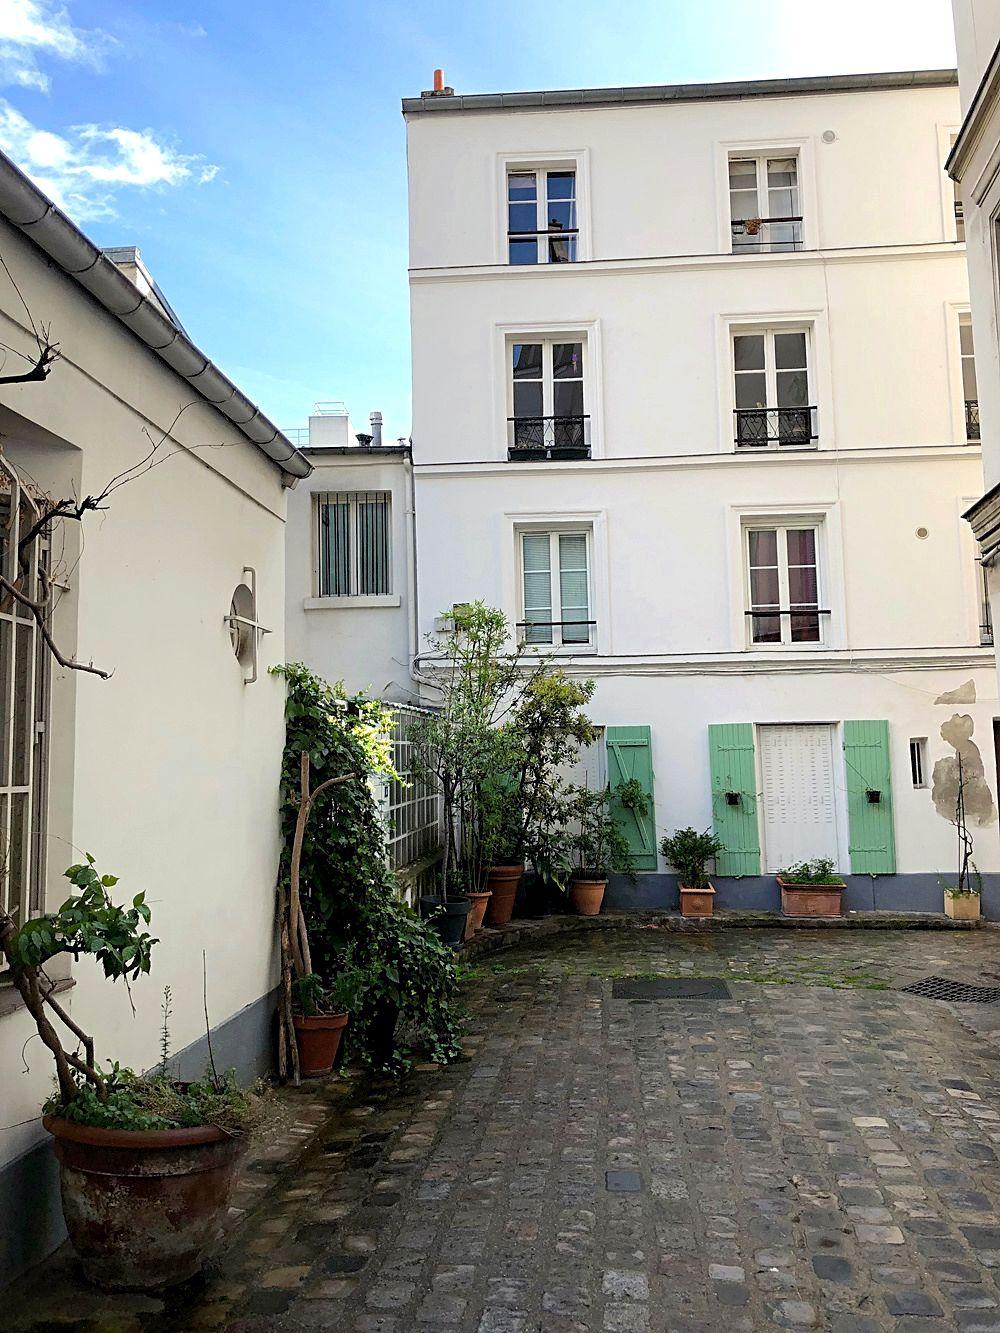 Week-End parisien dans le 18ème arrondissement (3) Montmartre